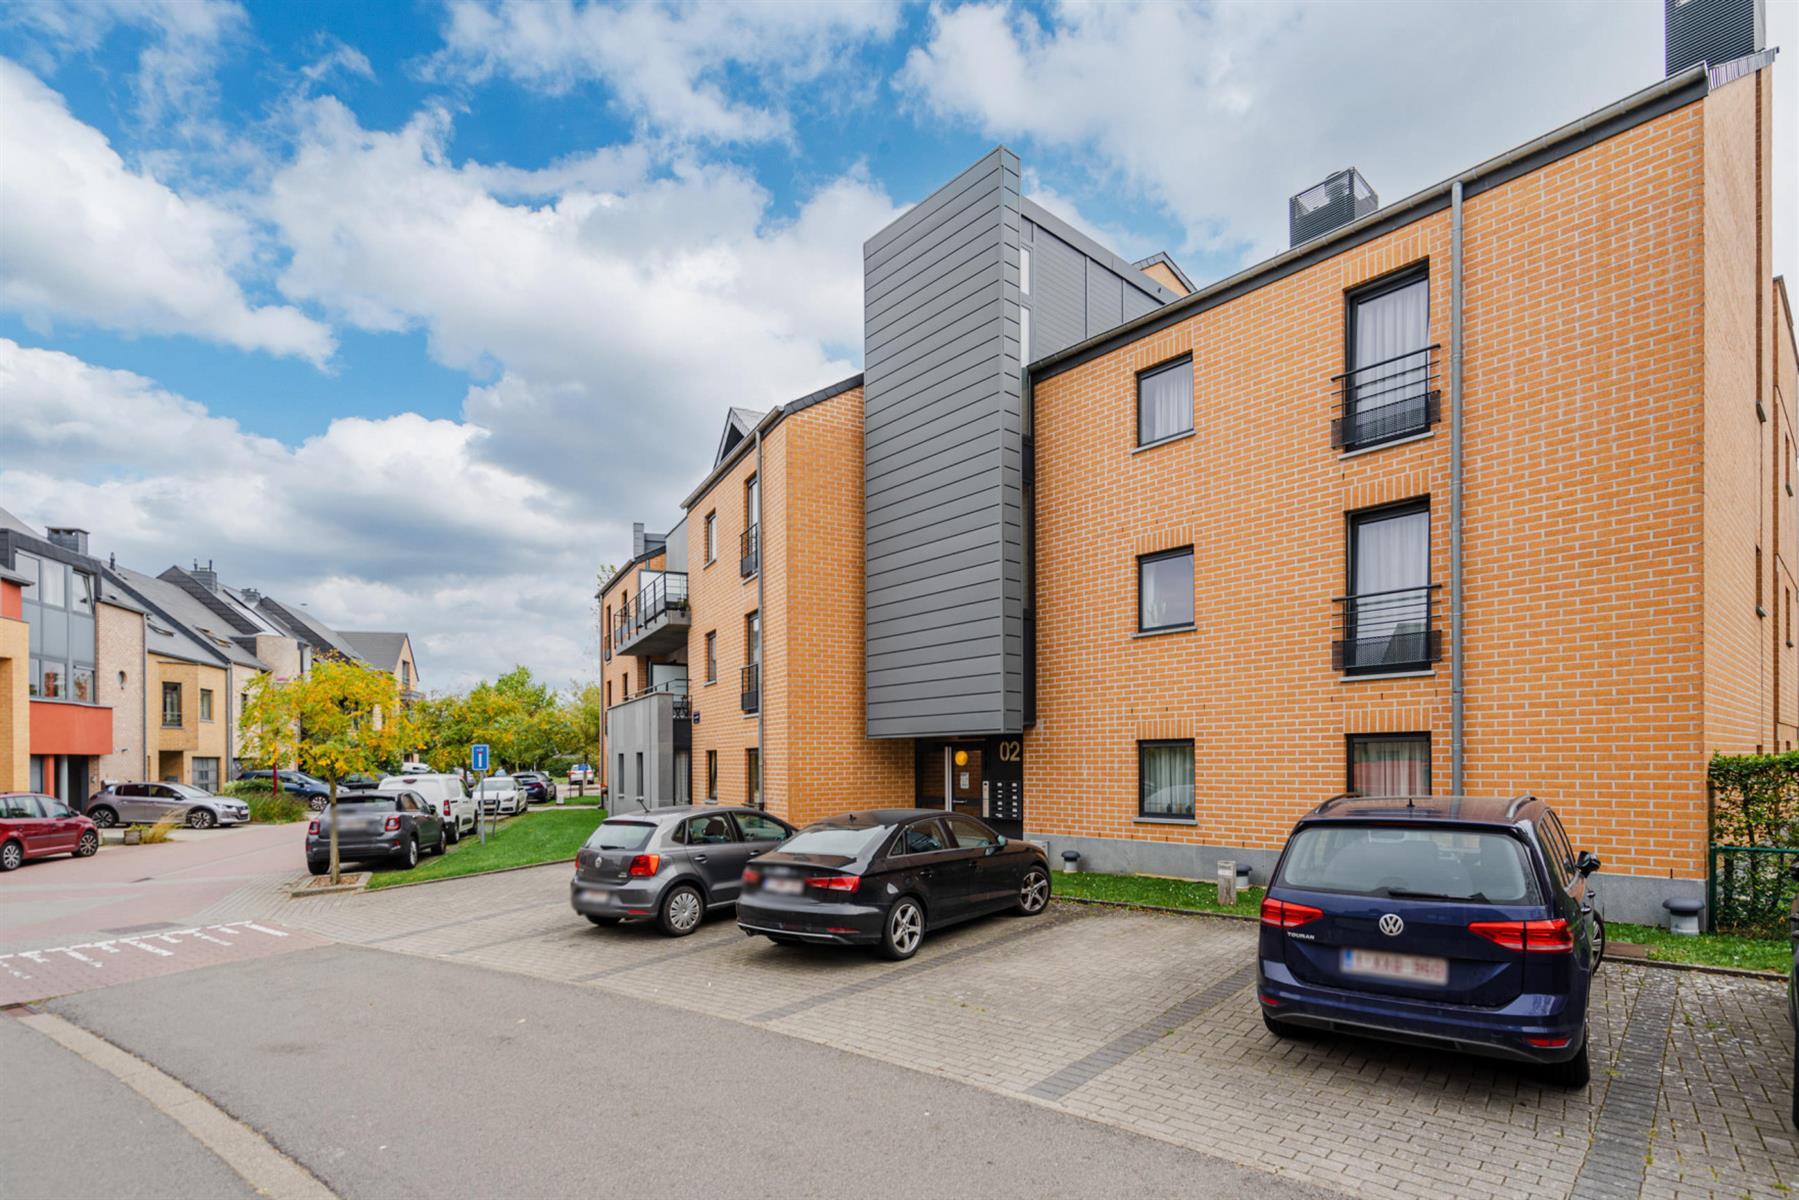 Appartement - Ottignies-louvain-la-neuve - #4505964-27